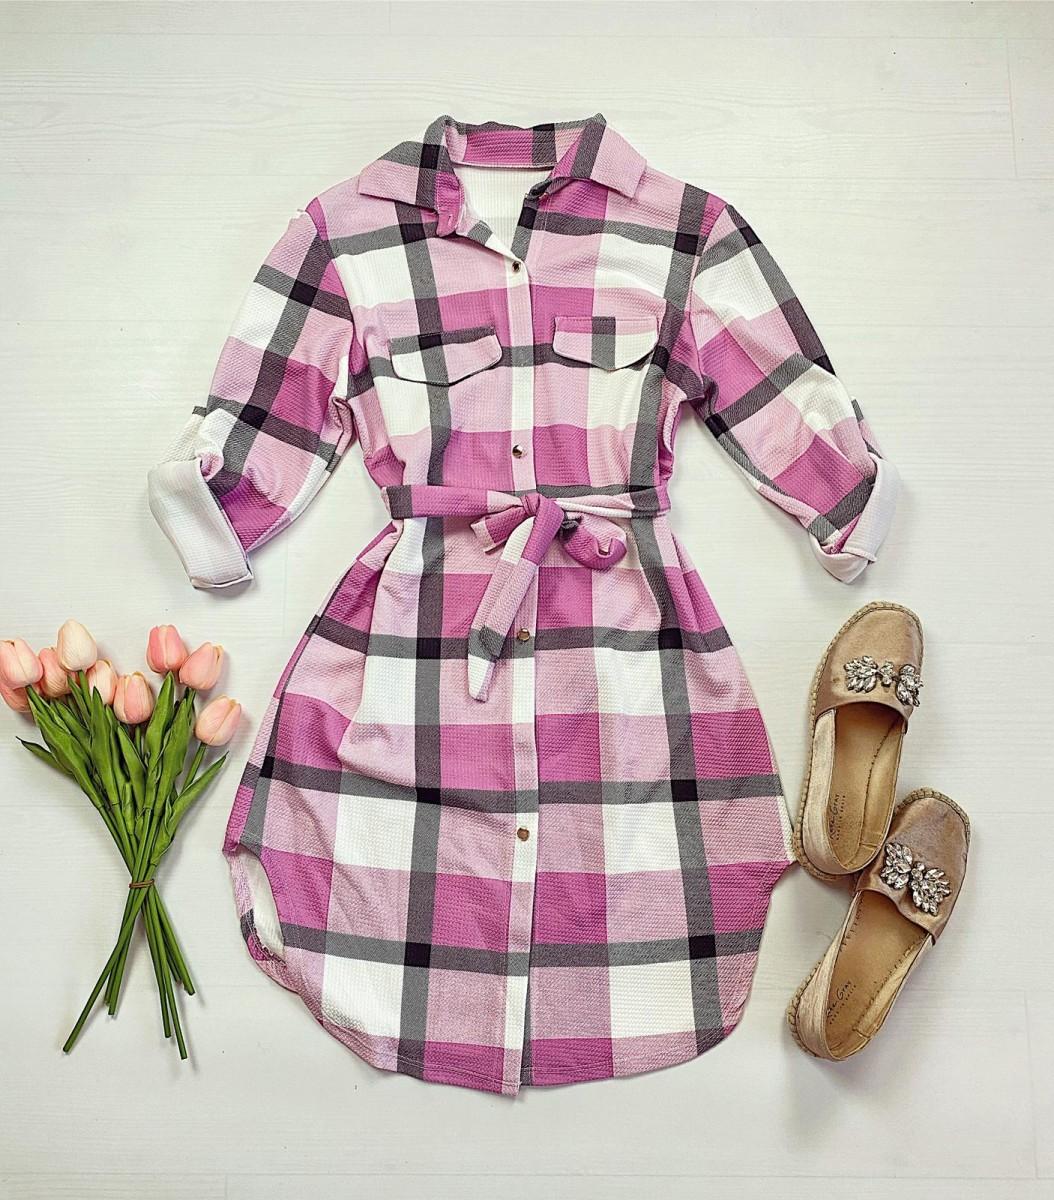 Rochie ieftina casual stil camasa roz deschis cu gri si alb cu carouri si cordon in talie